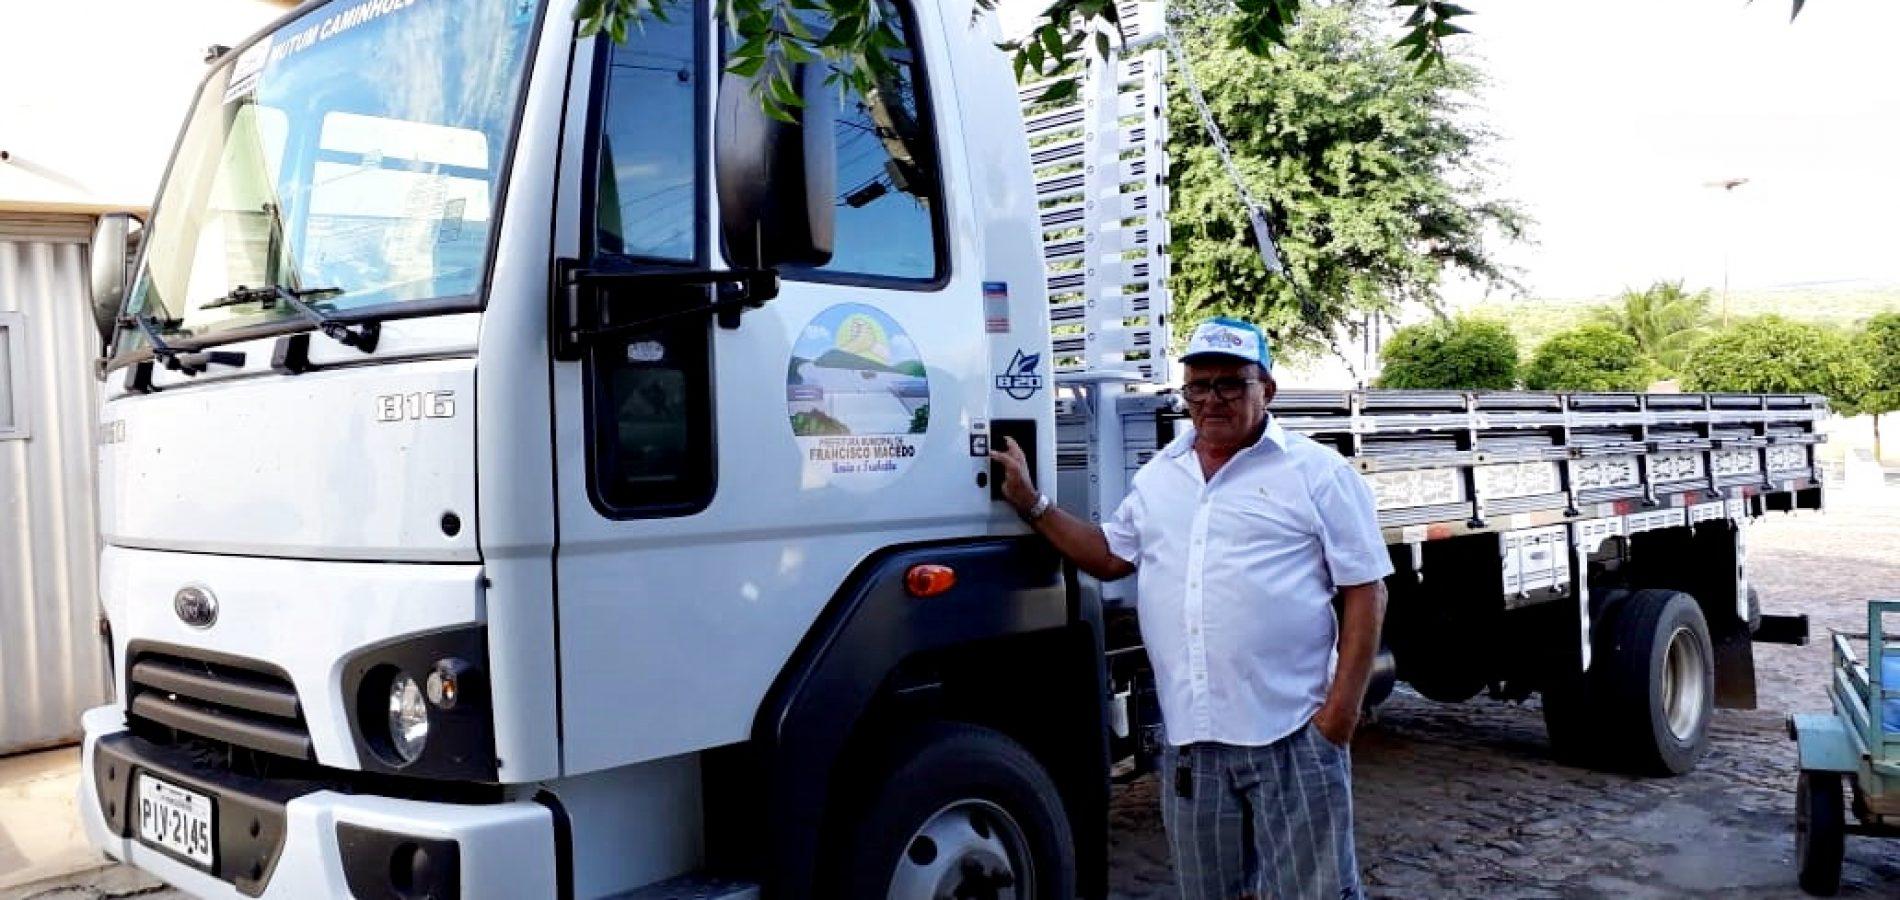 Prefeito recebe, equipa e coloca mais um veículo a serviço da população de Francisco Macedo